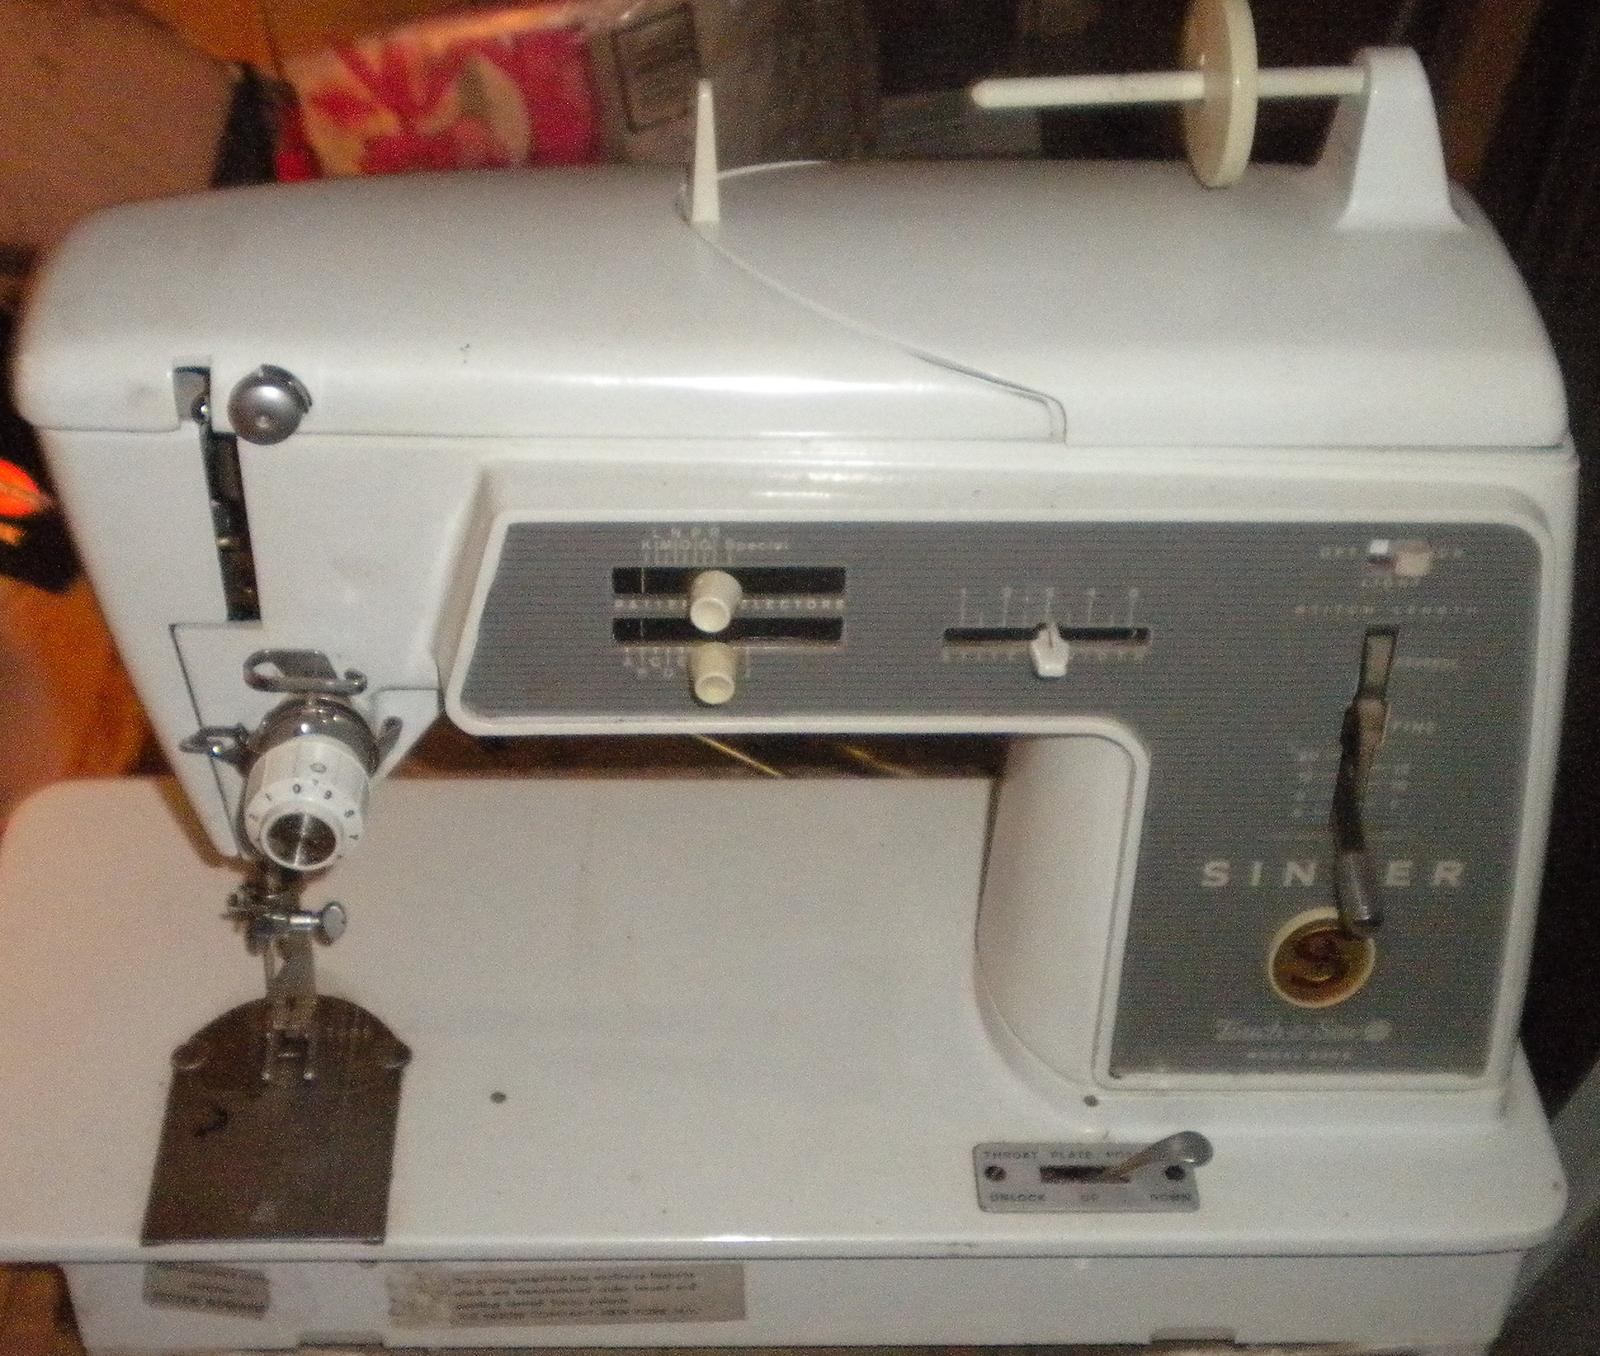 finishing sewing machine